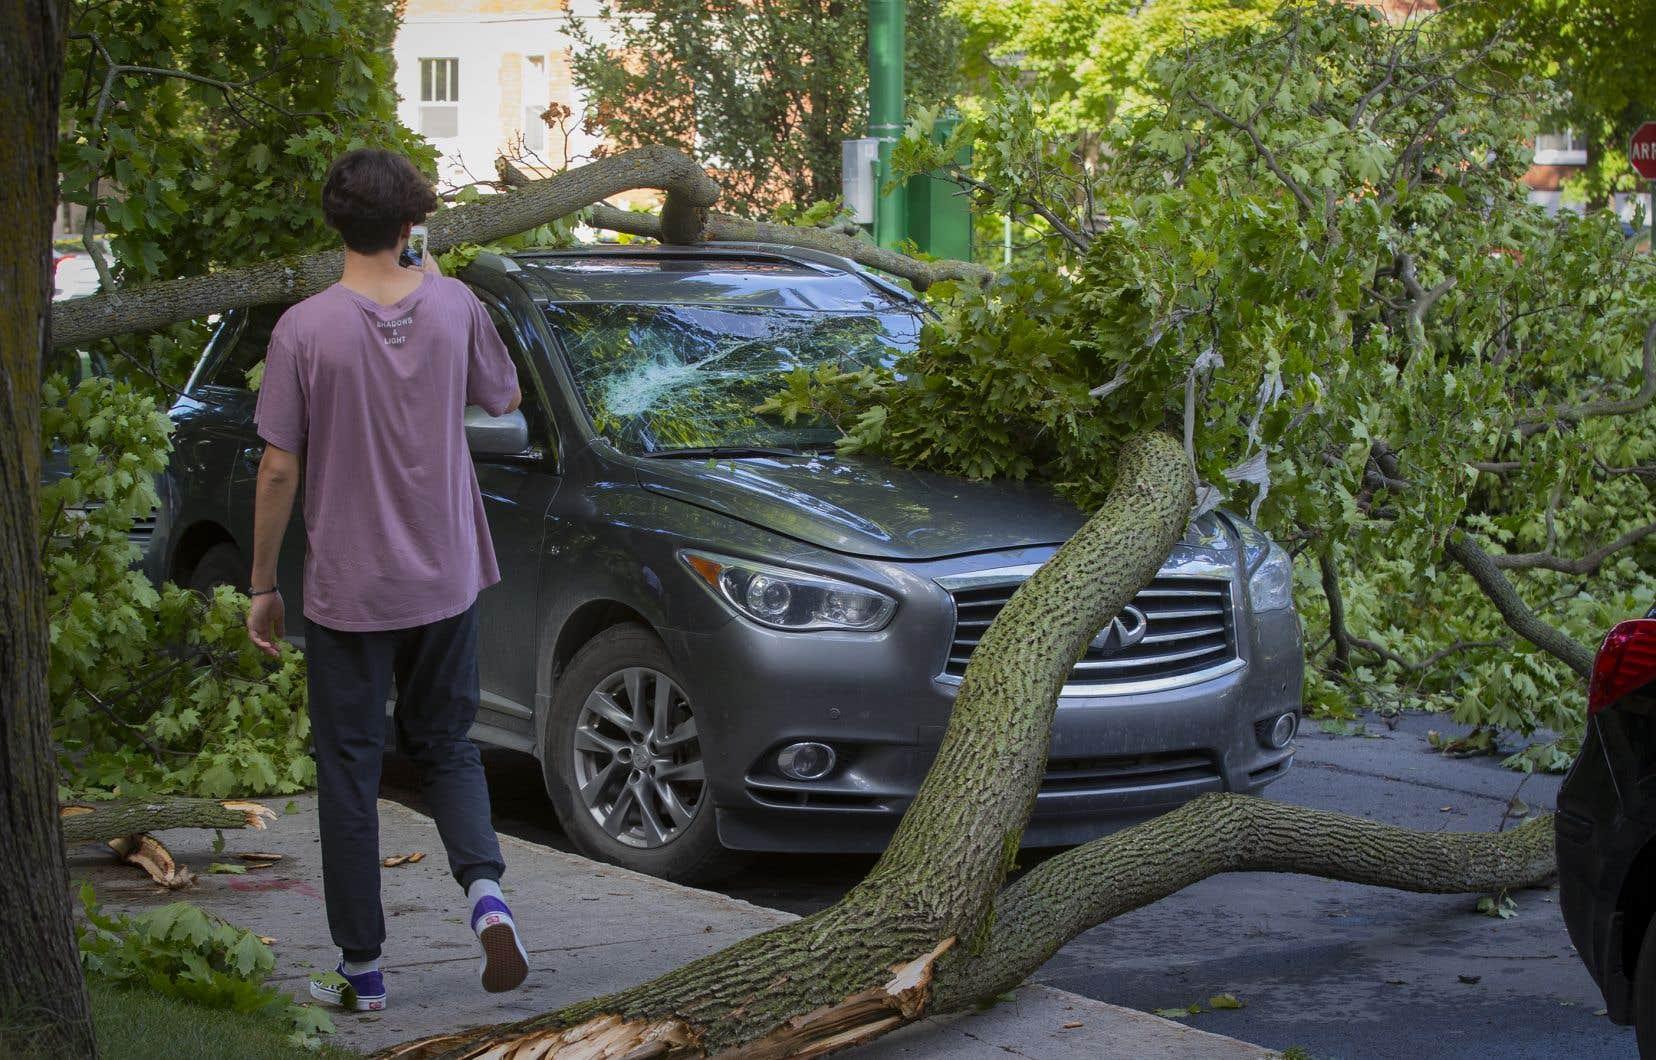 Les orages et vents violents ont causé mercredi après-midi des pannes d'électricité, notamment dans la région de Montréal.